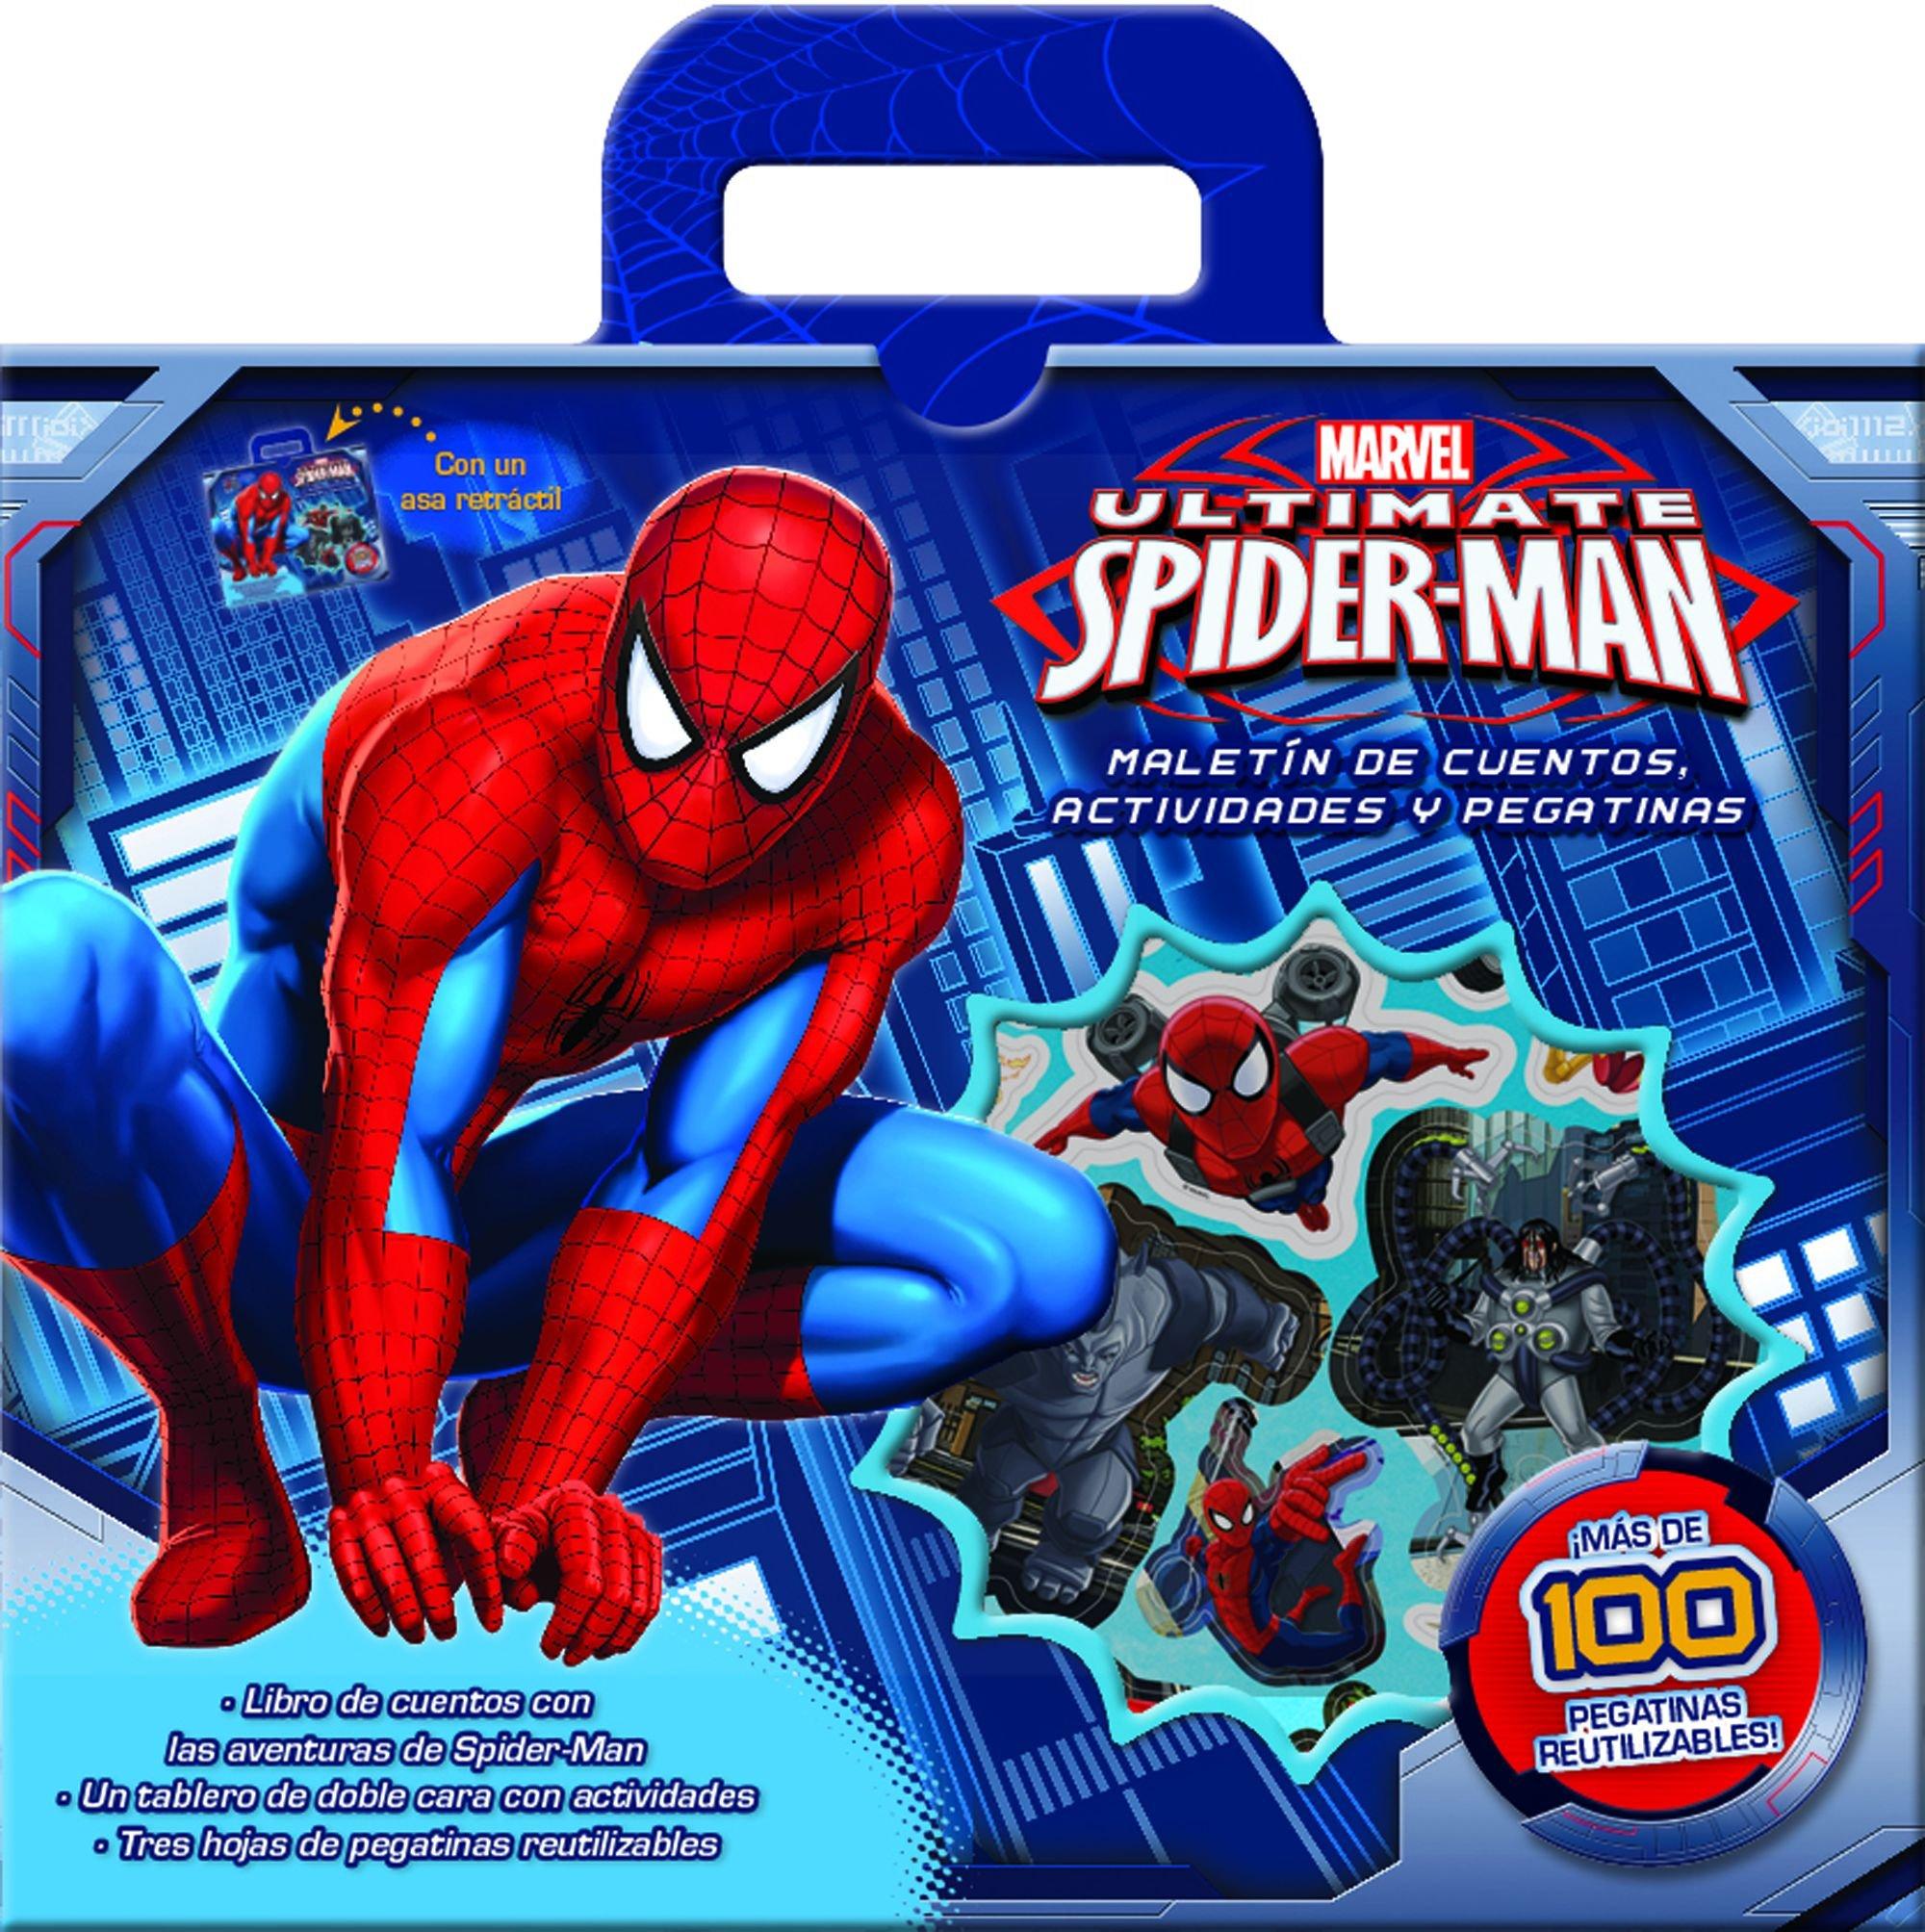 Spider-Man. Maletín de cuentos actividades y pegatinas